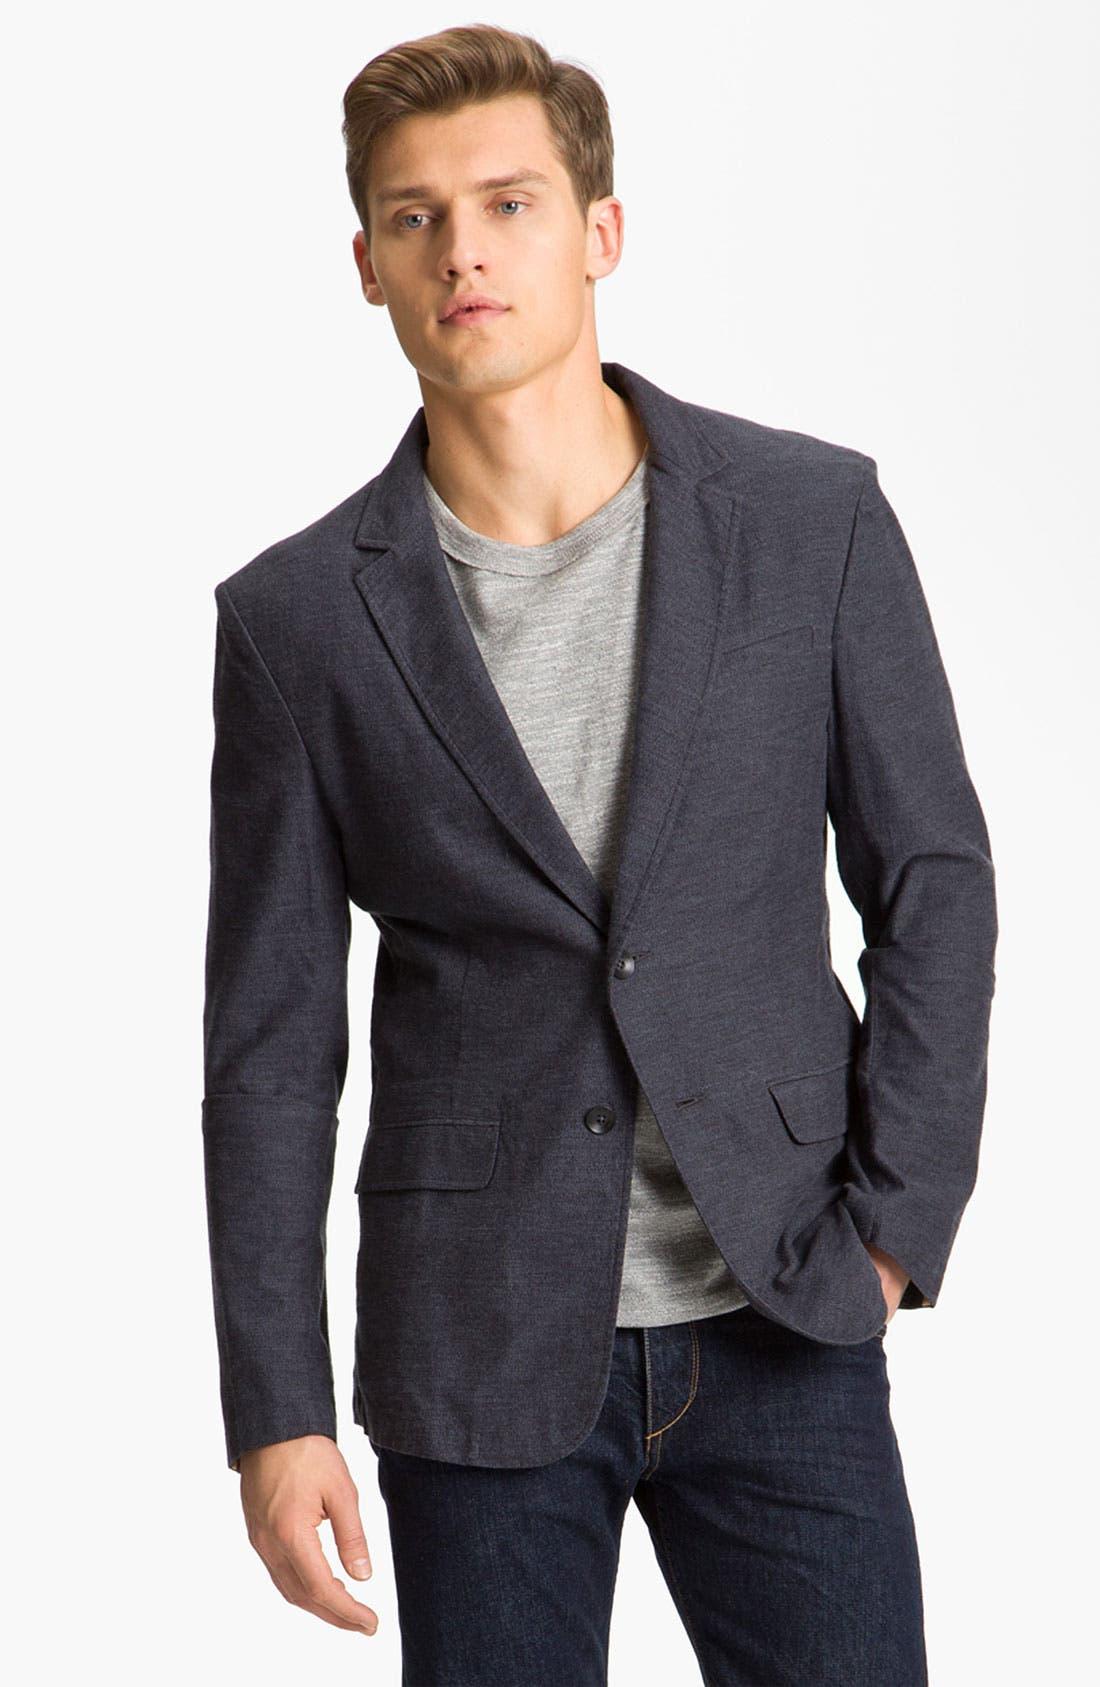 Alternate Image 1 Selected - rag & bone 'Phillips' Blazer